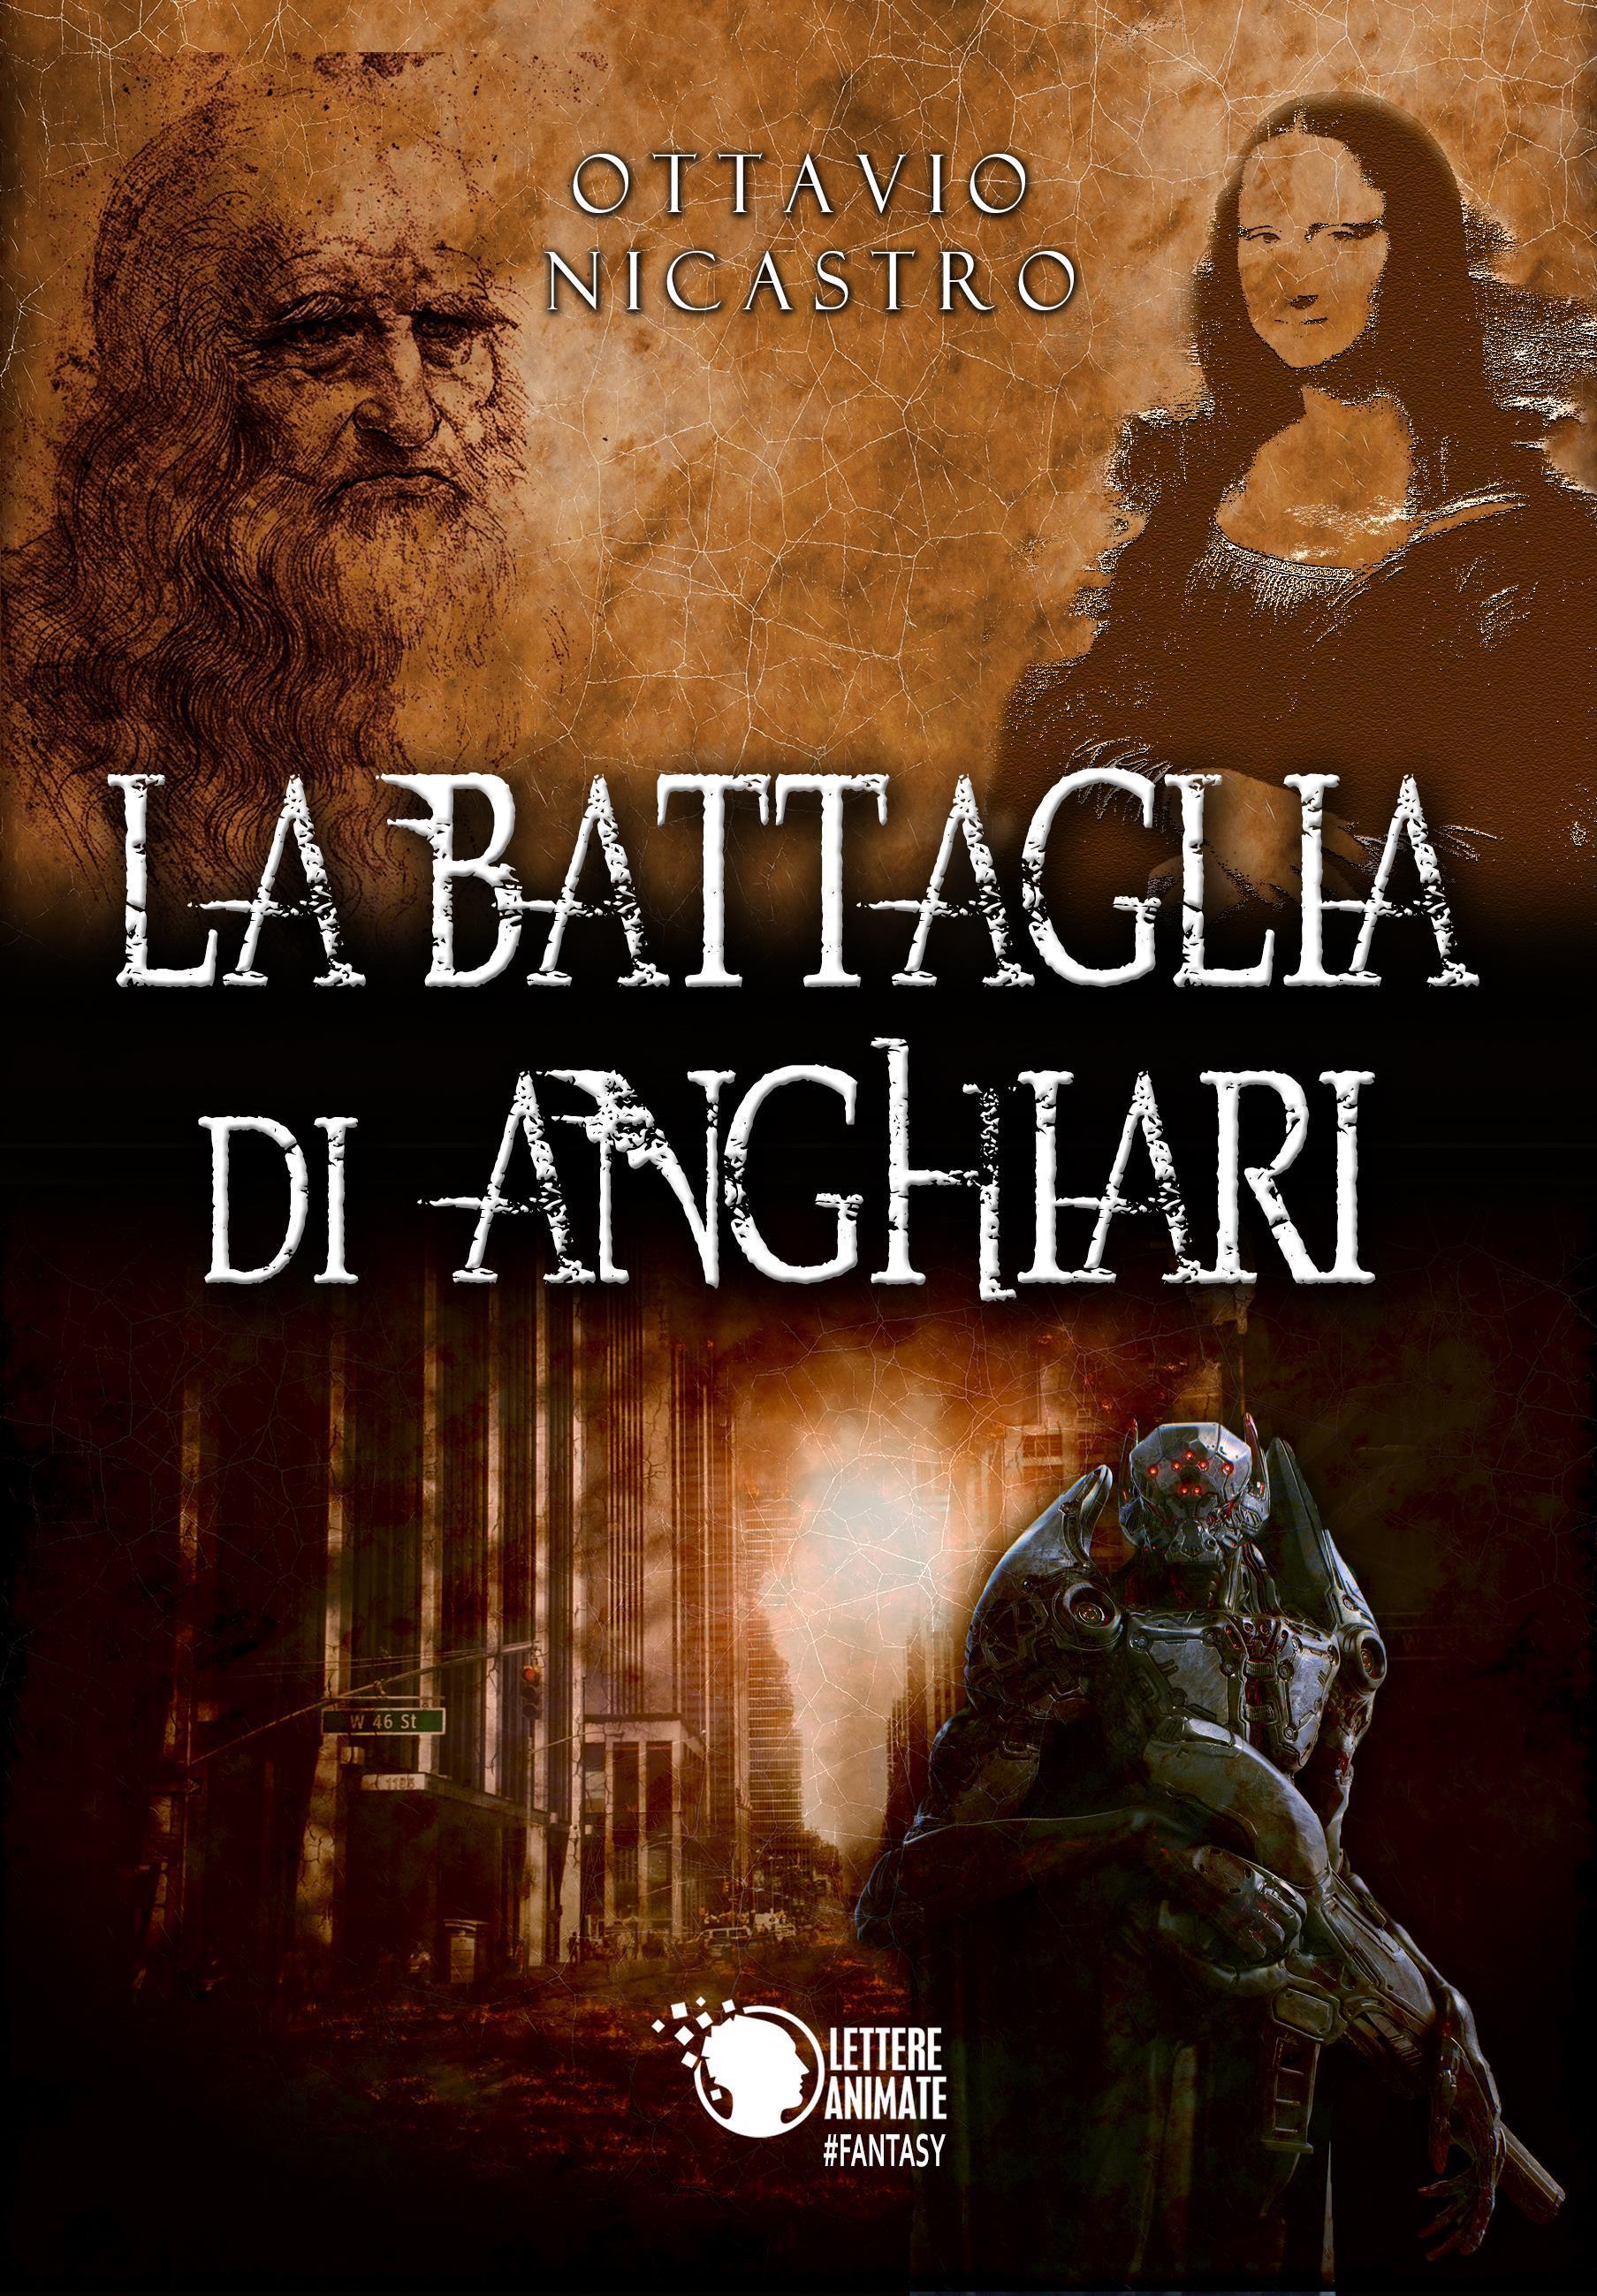 La battaglia di Anghiari